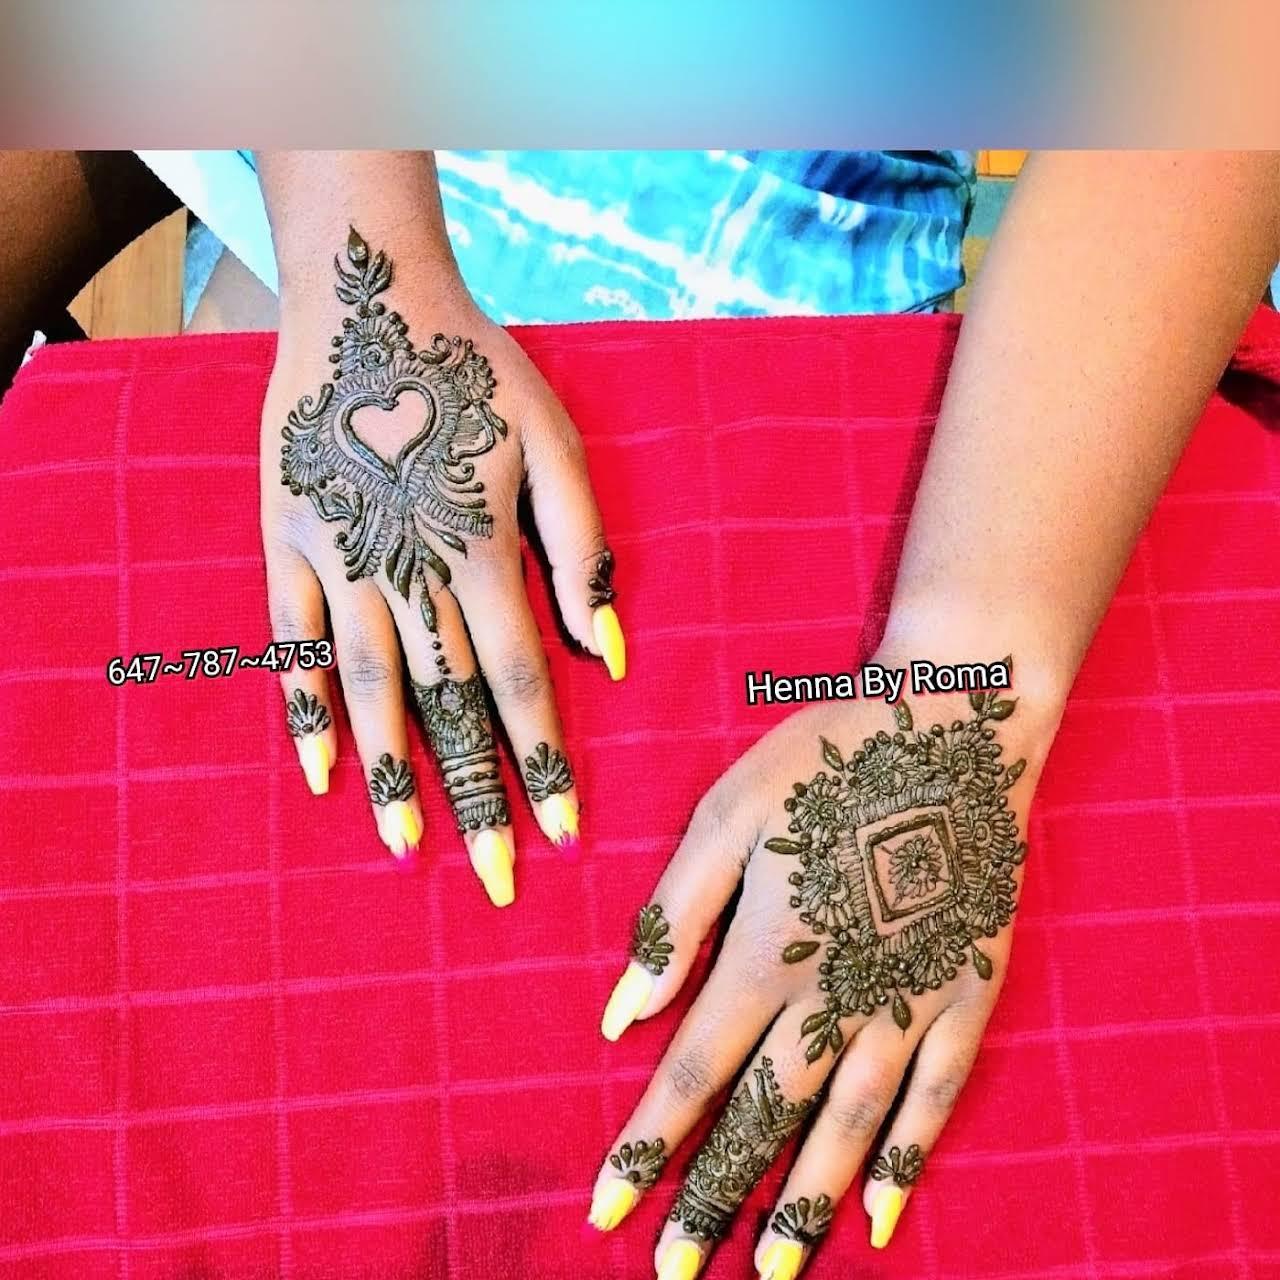 Henna Artist-Mehndi Artist-Henna Art By Roma - Artist in